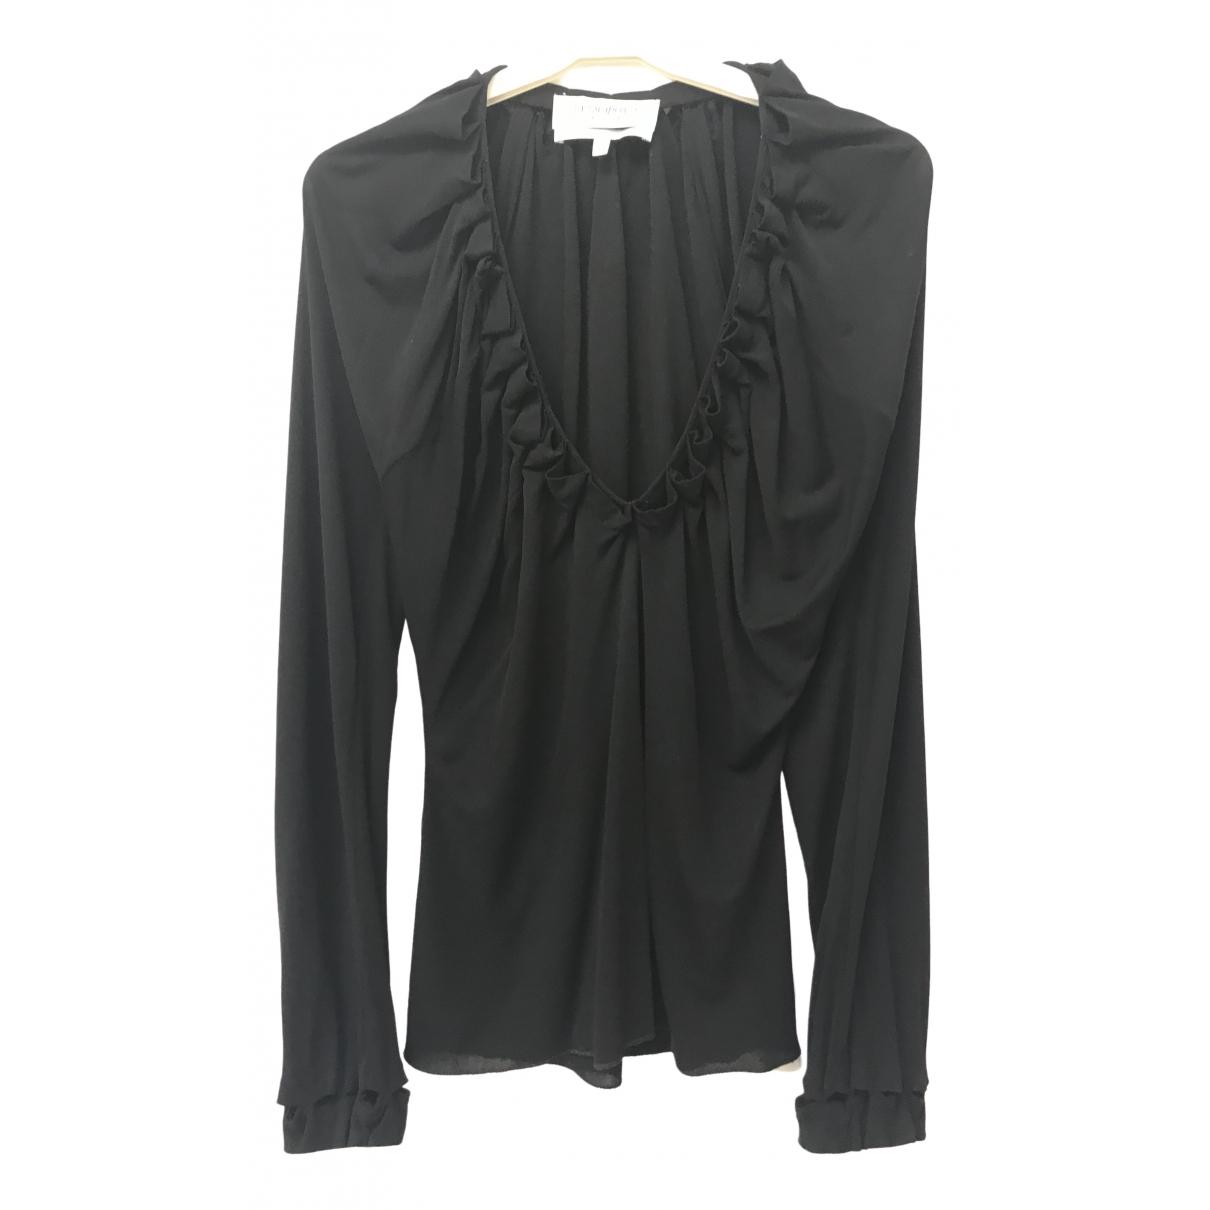 Yves Saint Laurent \N Black  top for Women S International